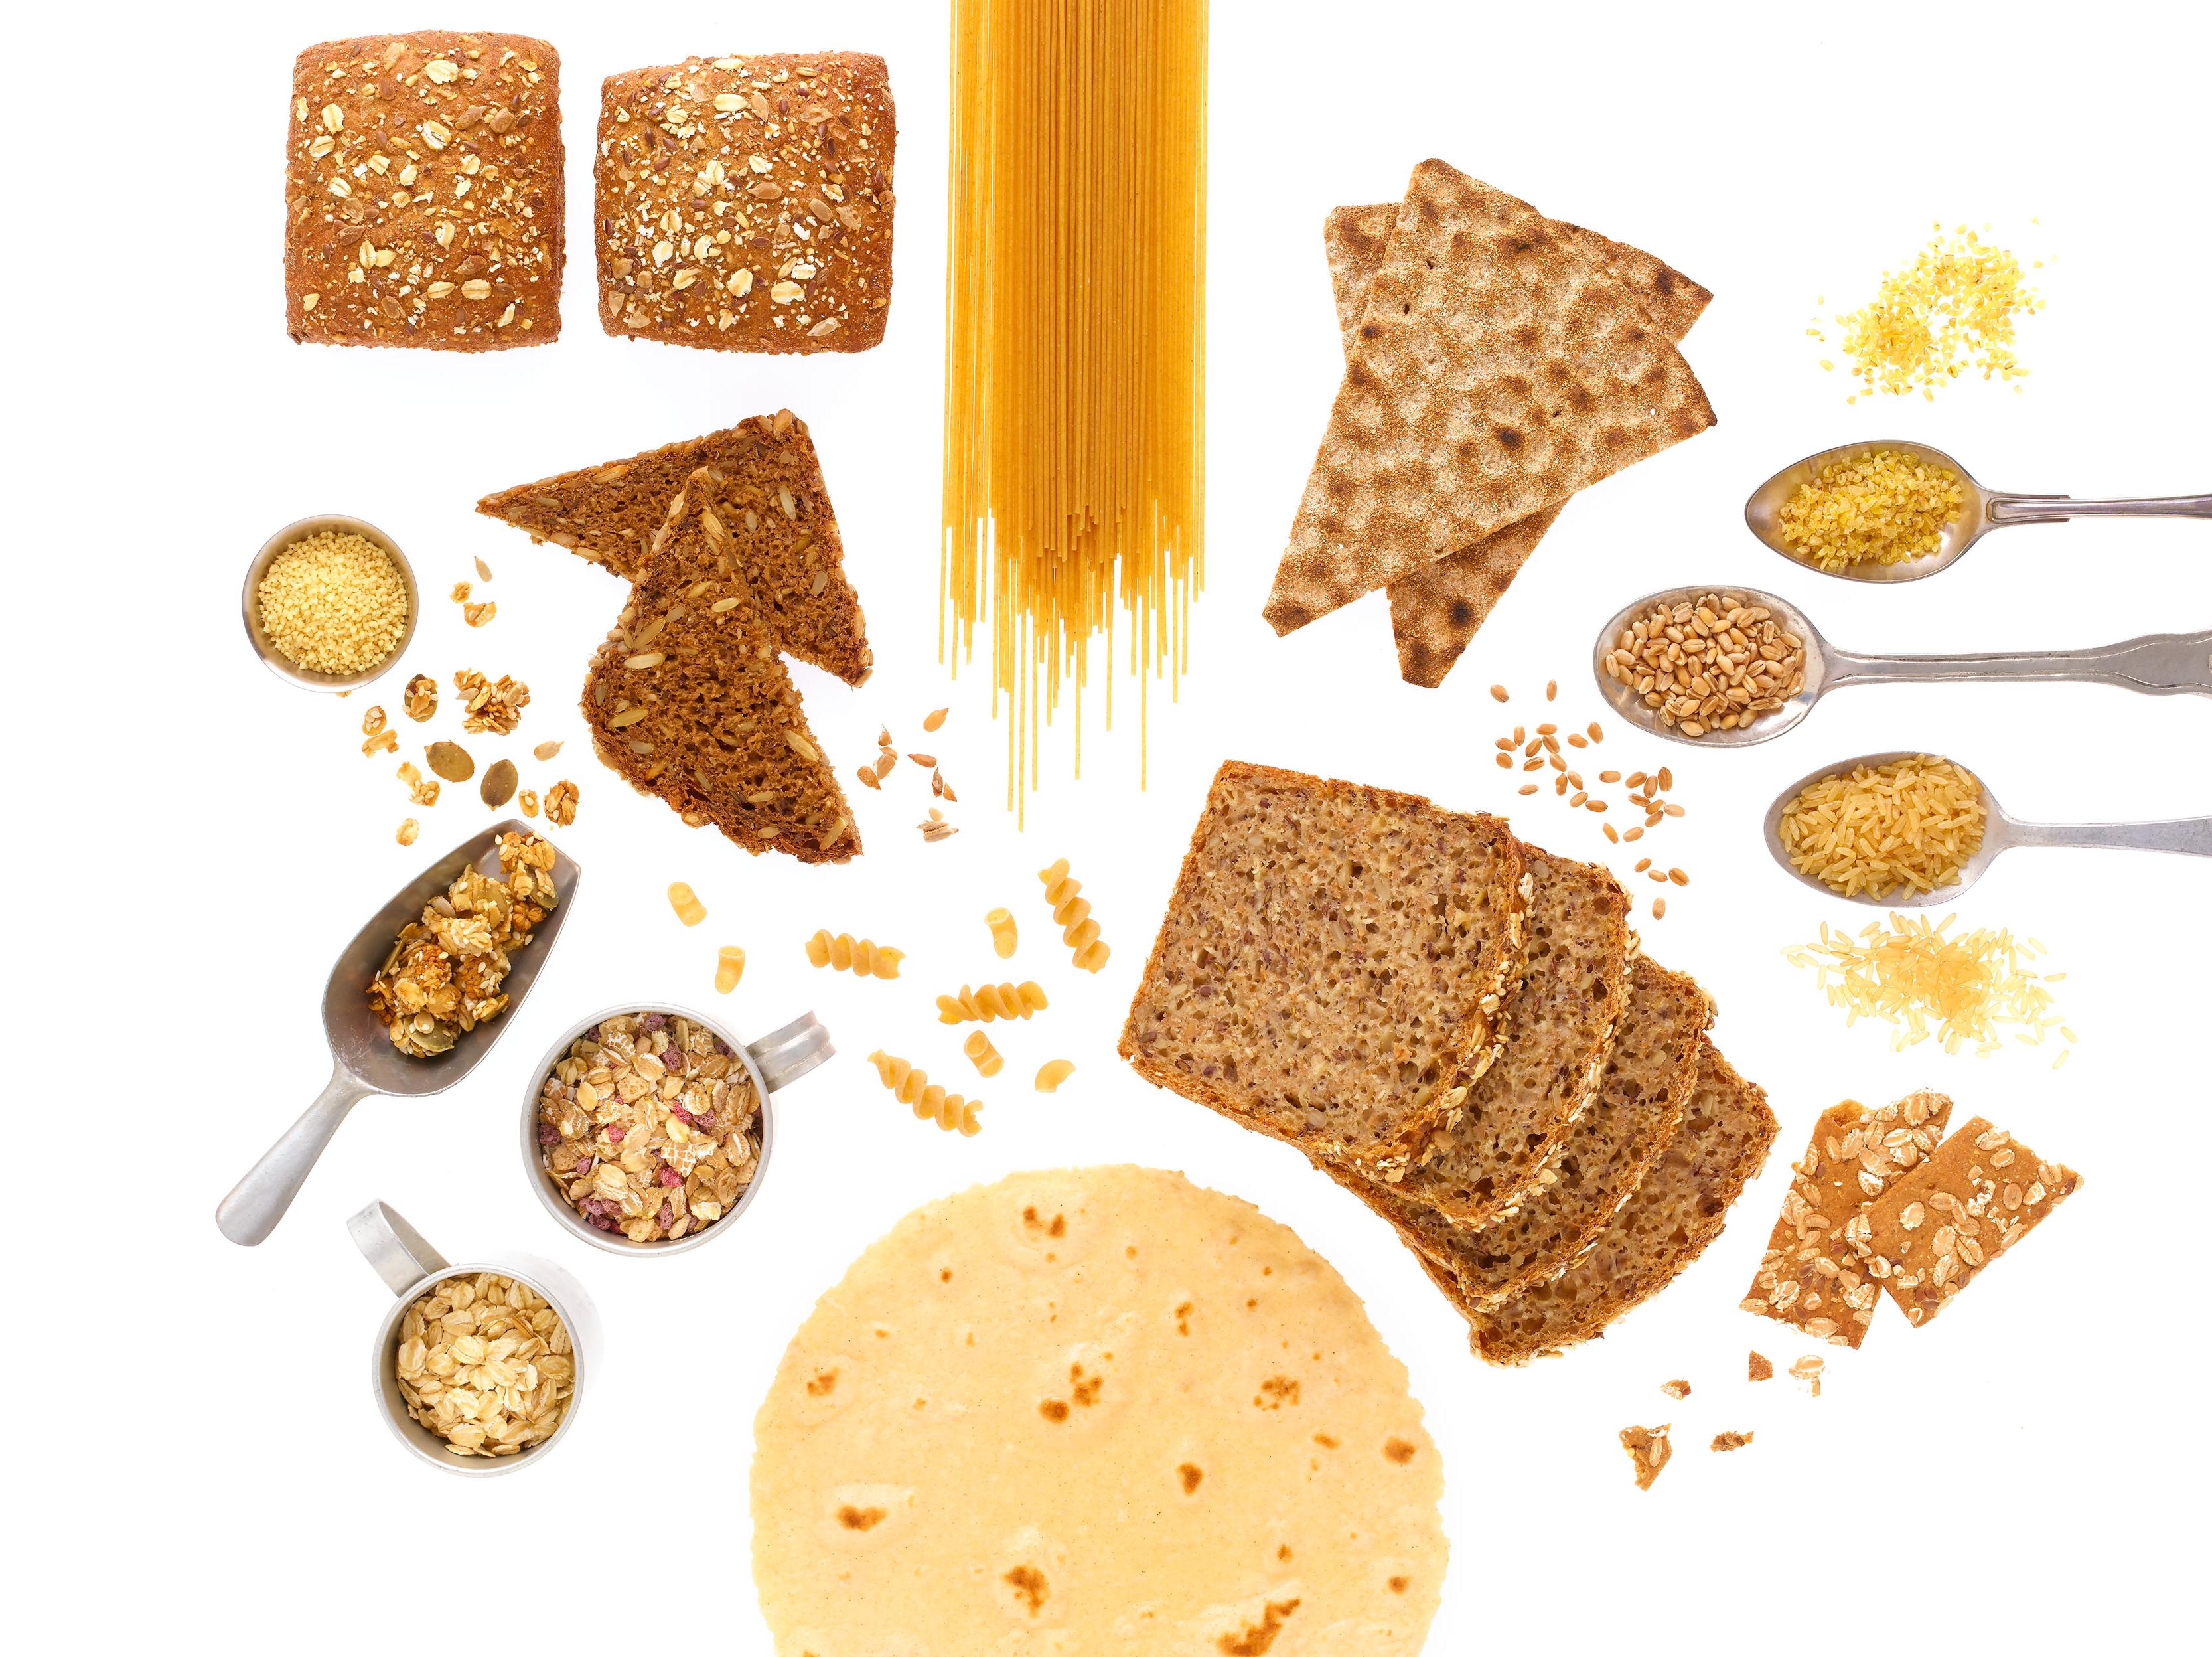 Korn og kornprodukter